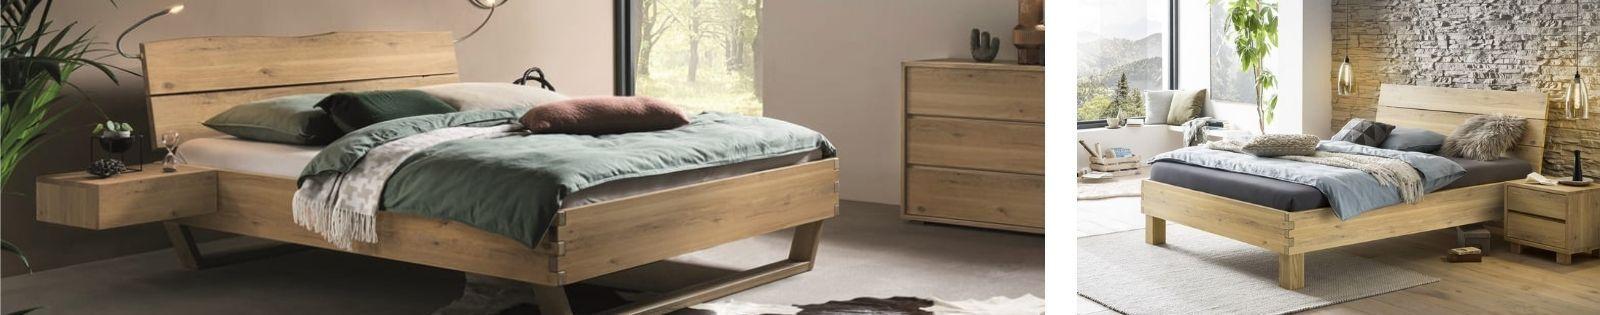 Gamme NATURO Hasena, meubles en chêne et hêtre massif noueux.